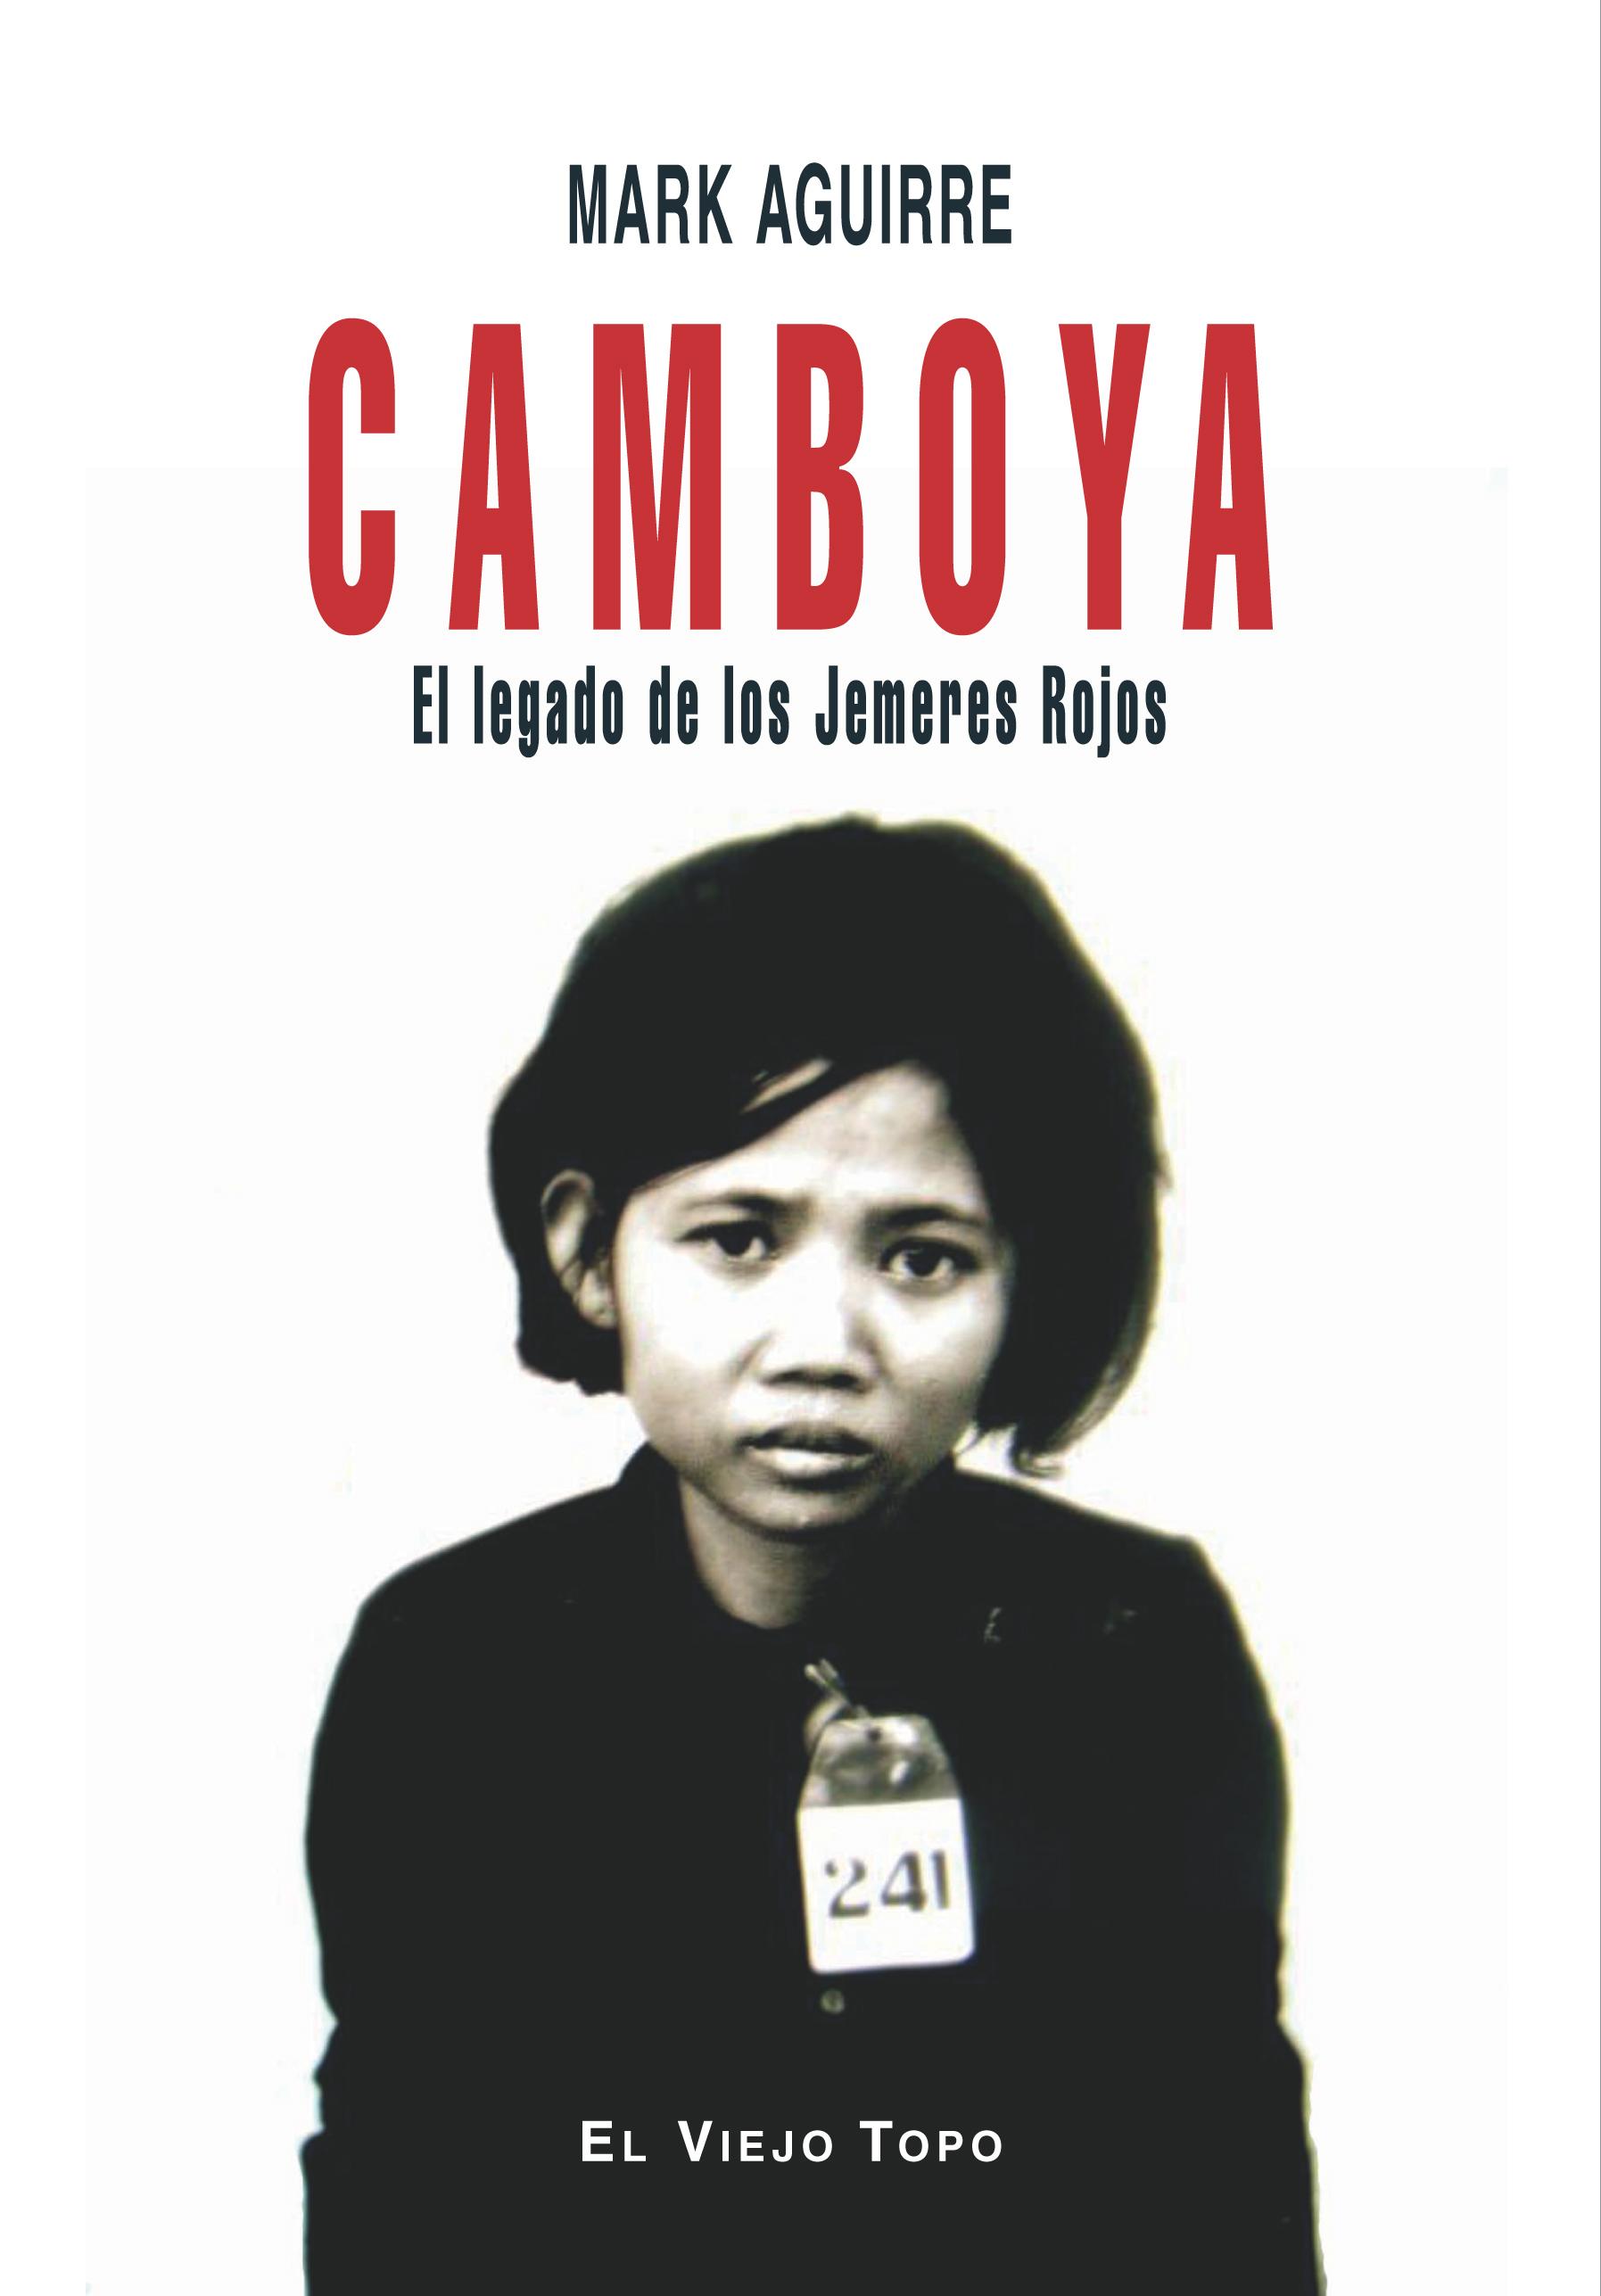 CAMBOYA EL LEGADO DE LOS JEMERES ROJOS  (A PARTIR DEL 07-04-2009). EL LEGADO DE LOS JEMERES ROJ